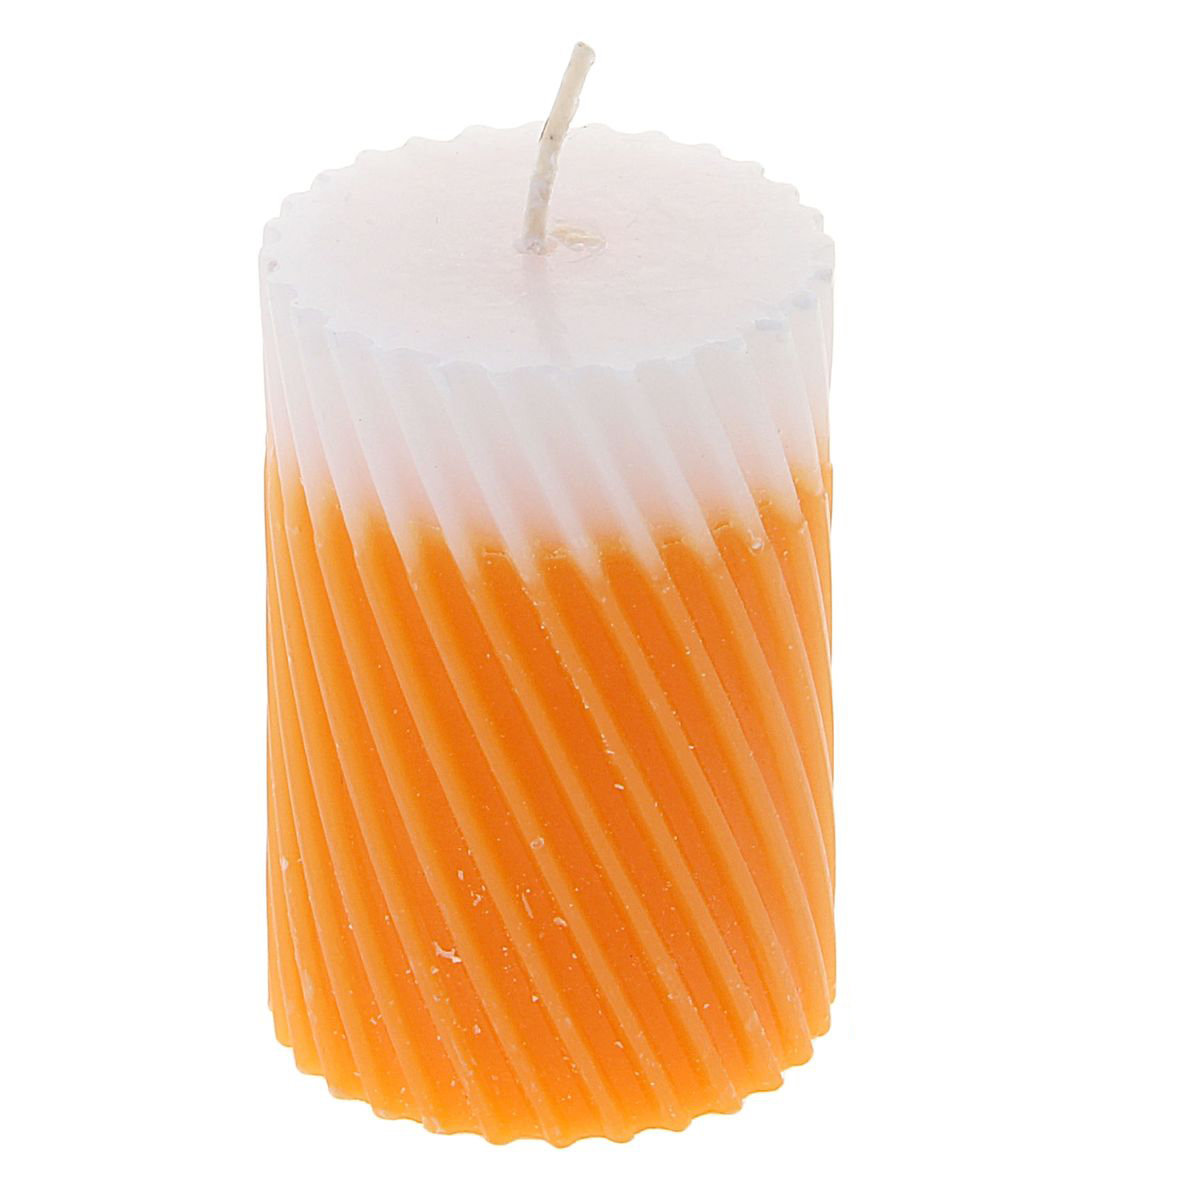 Свеча ароматизированная Sima-land Апельсин, высота 7,5 см. 849533849533Свеча Sima-land Апельсин выполнена из воска и оформлена резным рельефом. Свеча порадует ярким дизайном и сочным ароматом апельсина, который понравится как женщинам, так и мужчинам. Создайте для себя и своих близких незабываемую атмосферу праздника в доме. Ароматическая свеча Sima-land Апельсин раскрасит серые будни яркими красками.